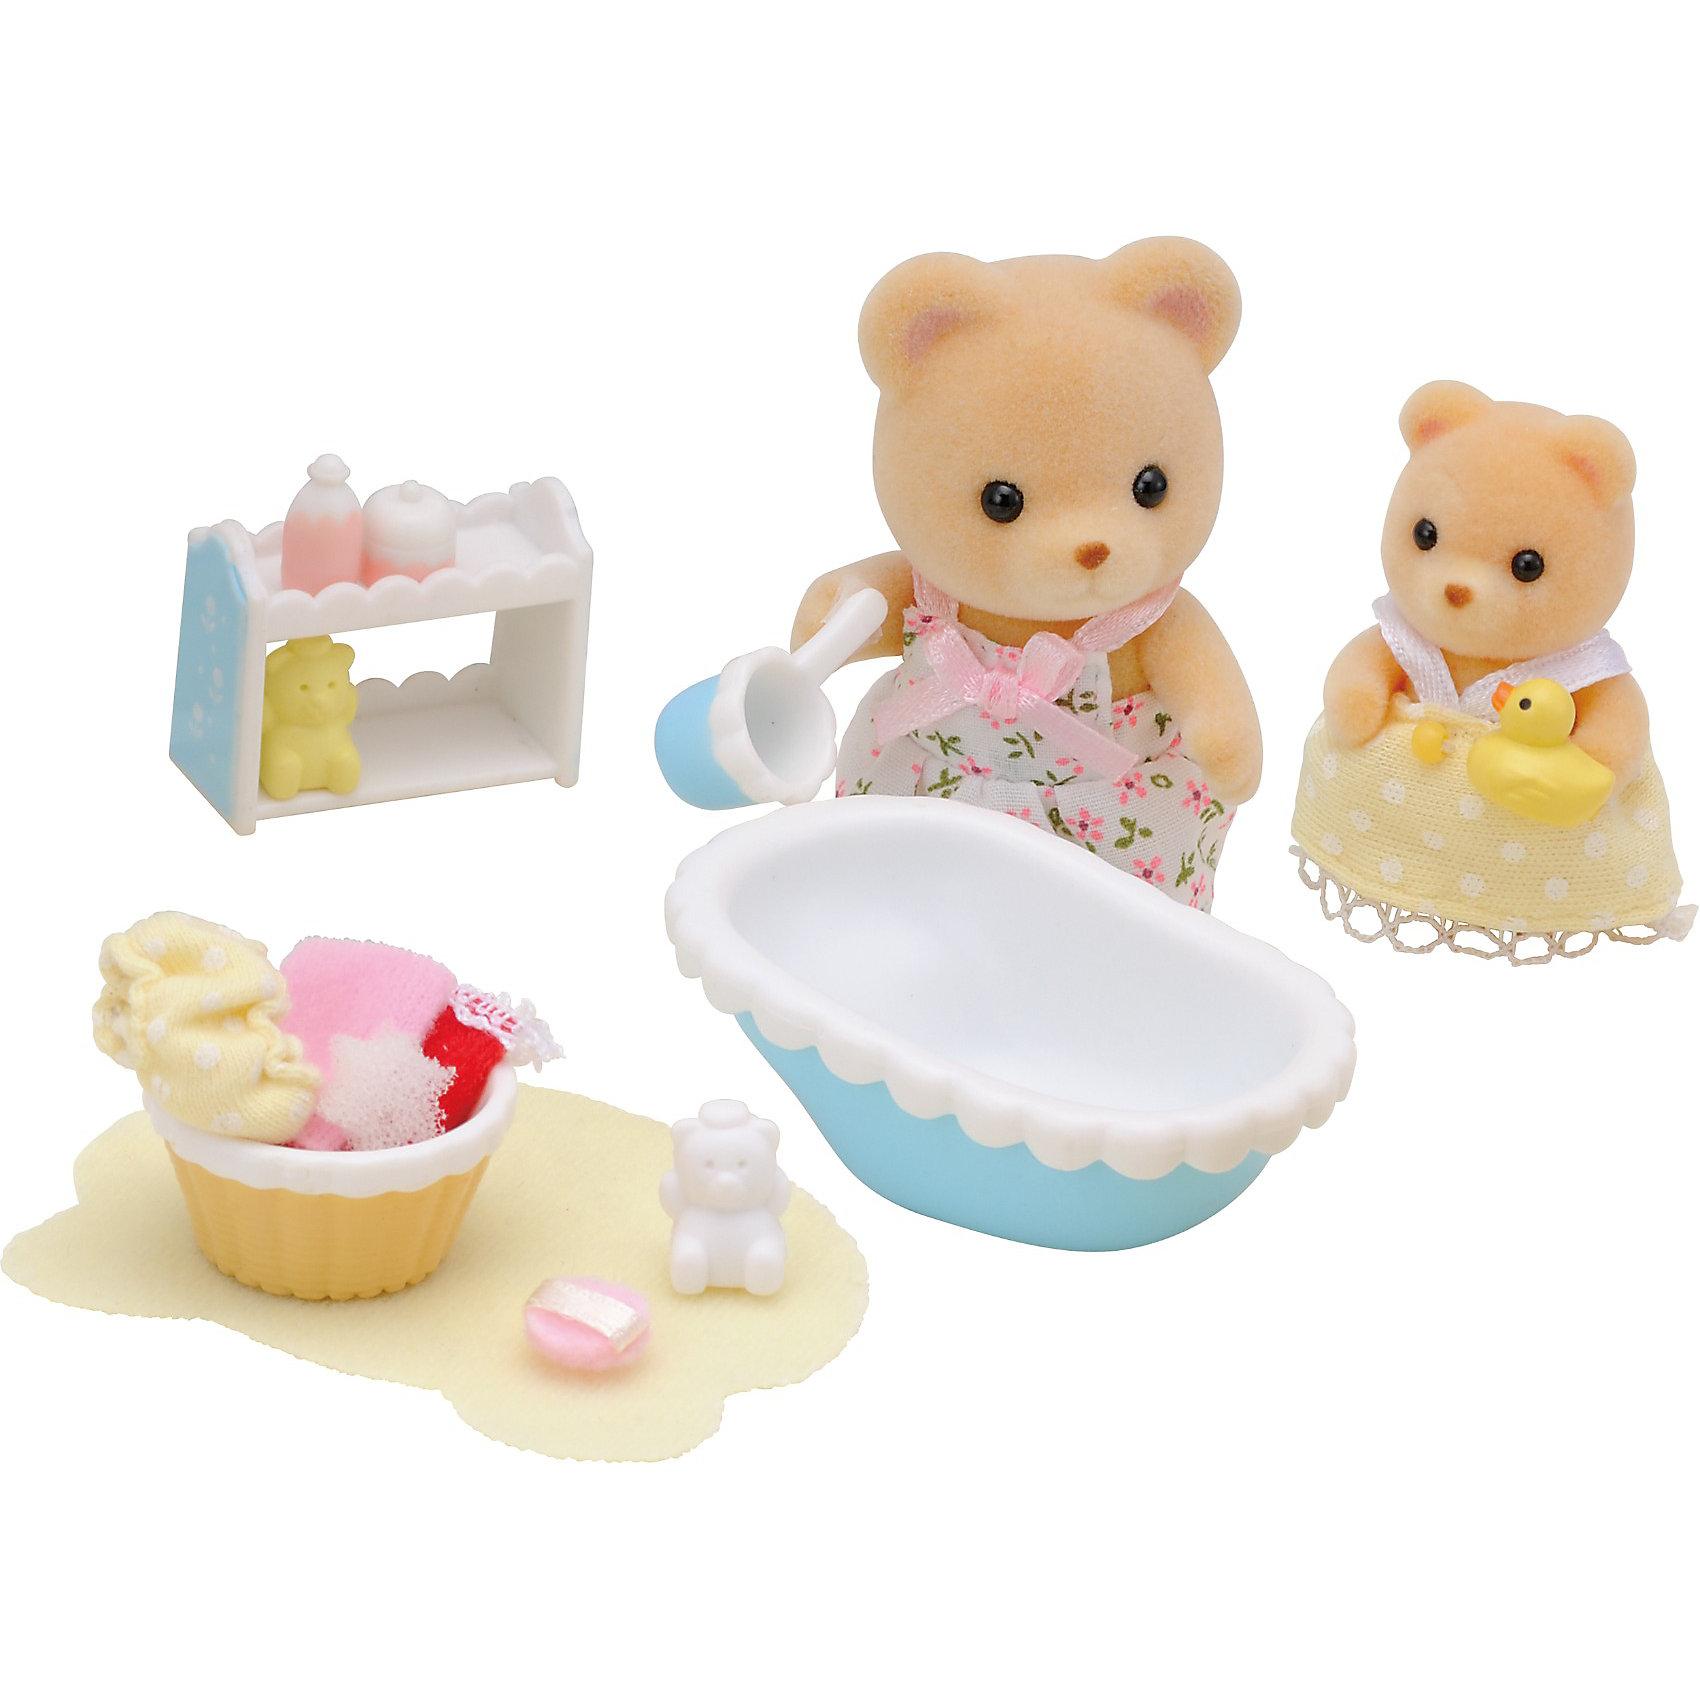 Набор  Мама купает малыша, Sylvanian FamiliesSylvanian Families<br>Набор  Мама купает малыша, Sylvanian Families (Сильваниан Фэмилис) обязательно понравится вашему ребенку. Заботливая мама- медведица купает своего малыша. В наборе есть все что нужно, чтобы искупать маленького непоседу. Все игрушки и их детали сделаны из высококачественного материала и очень хорошо проработаны. Набор развивает мелкую моторику и воображение ребенка. <br><br>Дополнительная информация:<br><br>- Материал: пластик, текстиль<br>- Комплектация: мама- медведица, медвежонок, ванночка, тазик, полочка, ковш, игрушки для купания, полотенце<br>- Головка и лапки игрушек двигаются.<br>- Размер упаковки : 20х5.5х16.8см<br><br>Набор  Мама купает малыша, Sylvanian Families (Сильваниан Фэмилис) можно купить в нашем магазине.<br><br>Ширина мм: 202<br>Глубина мм: 172<br>Высота мм: 60<br>Вес г: 112<br>Возраст от месяцев: 36<br>Возраст до месяцев: 144<br>Пол: Женский<br>Возраст: Детский<br>SKU: 3830631